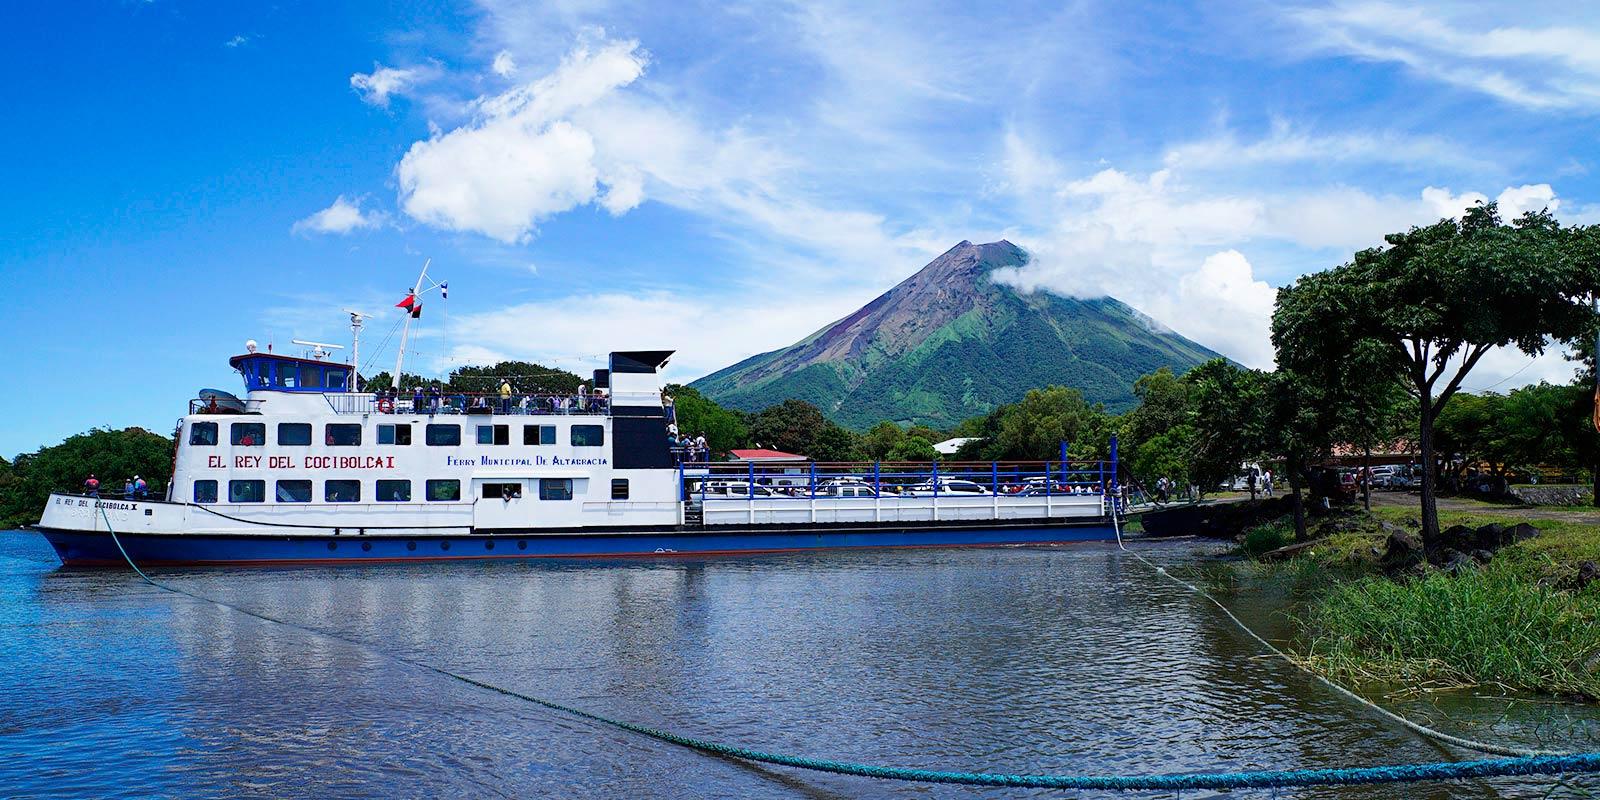 ferry-isla-de-ometepe